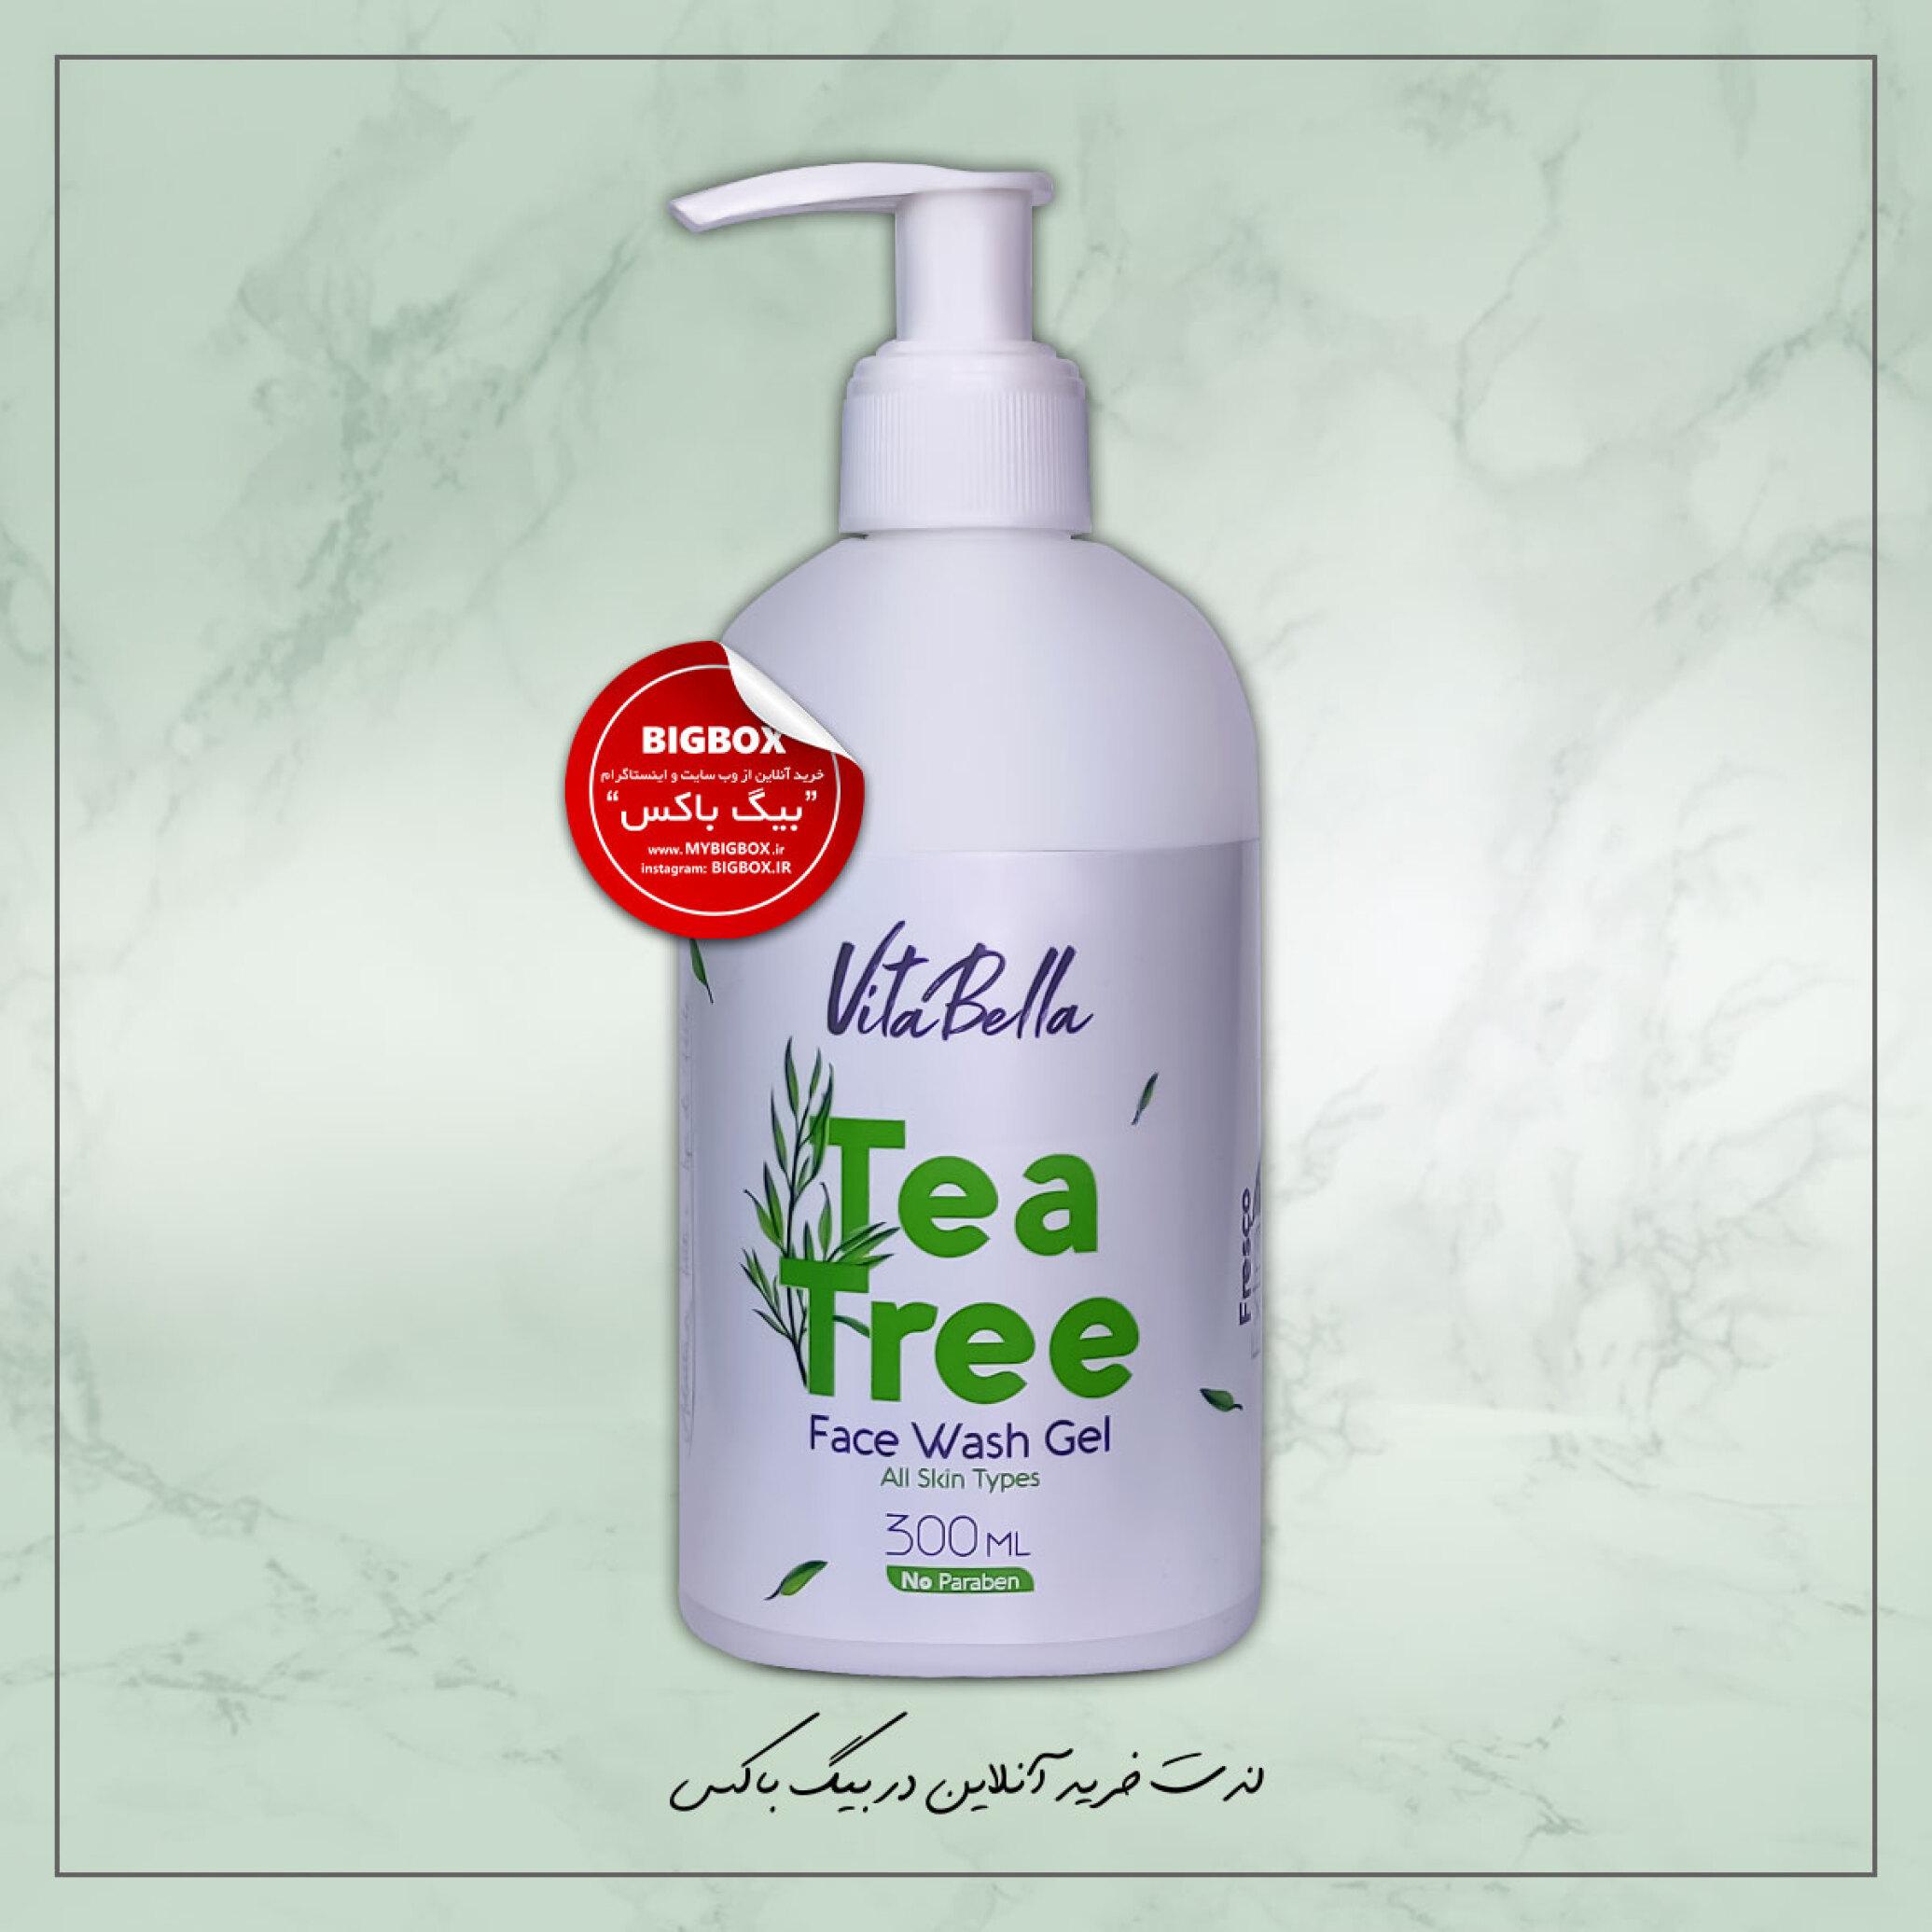 ژل شستشو صورت ویتابلا مدل درخت چای لیمو حجم 300 میلی لیتر VitaBella Face wash Gel Lemon Tea Tree Oil